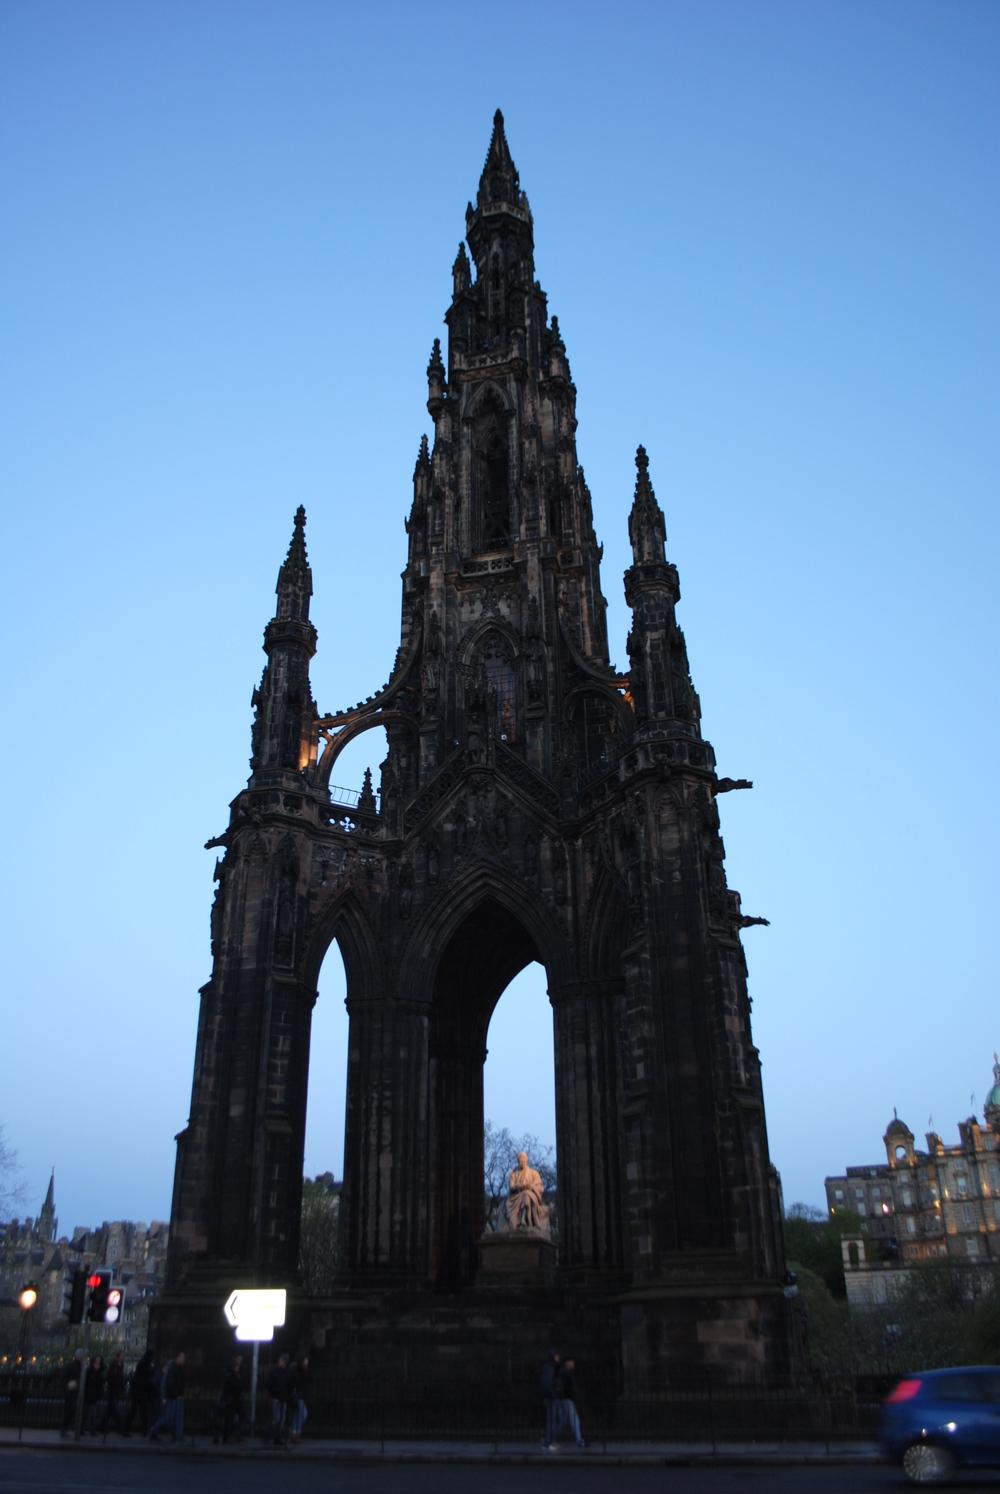 The Scott Memorial at twilight.